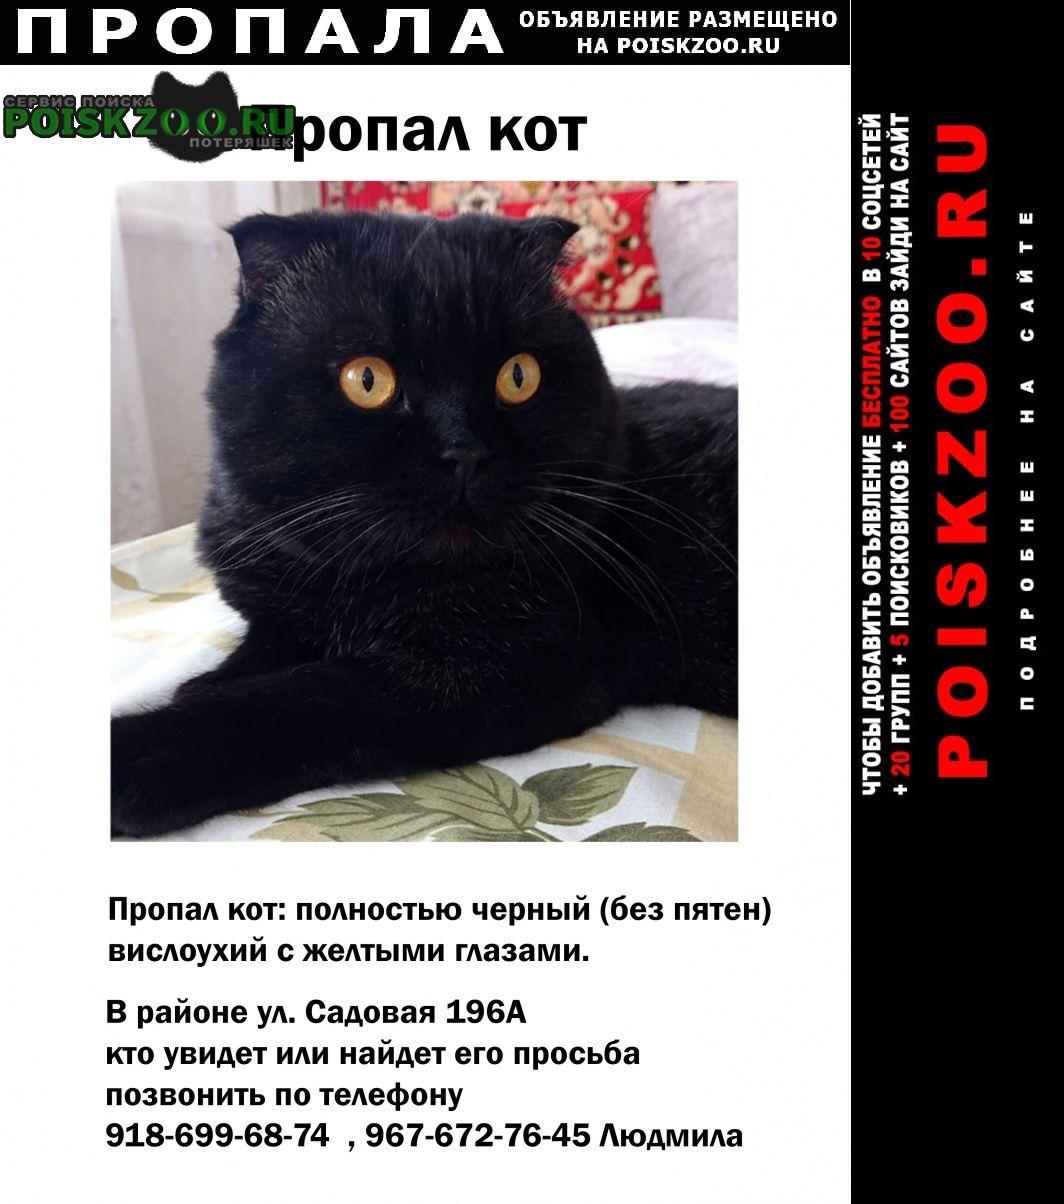 Пропала кошка Усть-Лабинск